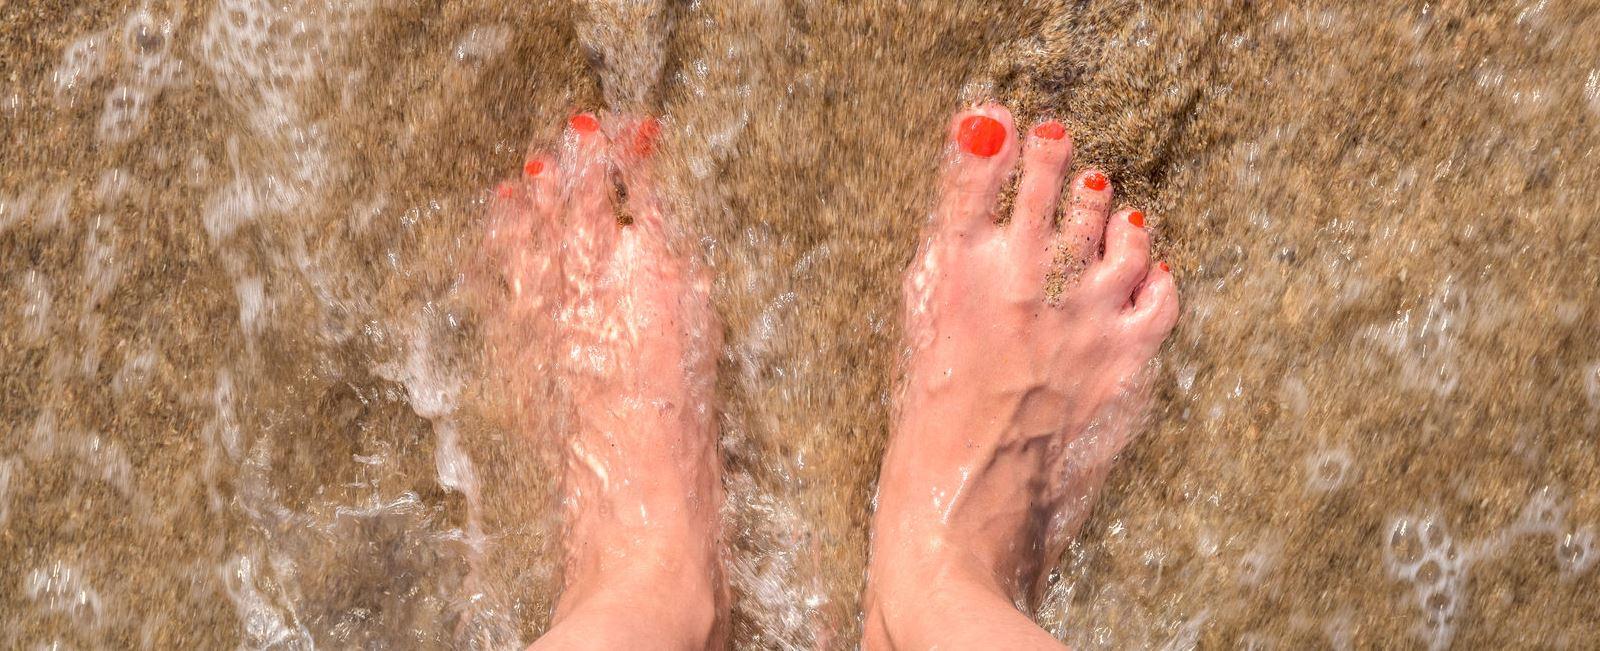 Sinta a água em seus pés